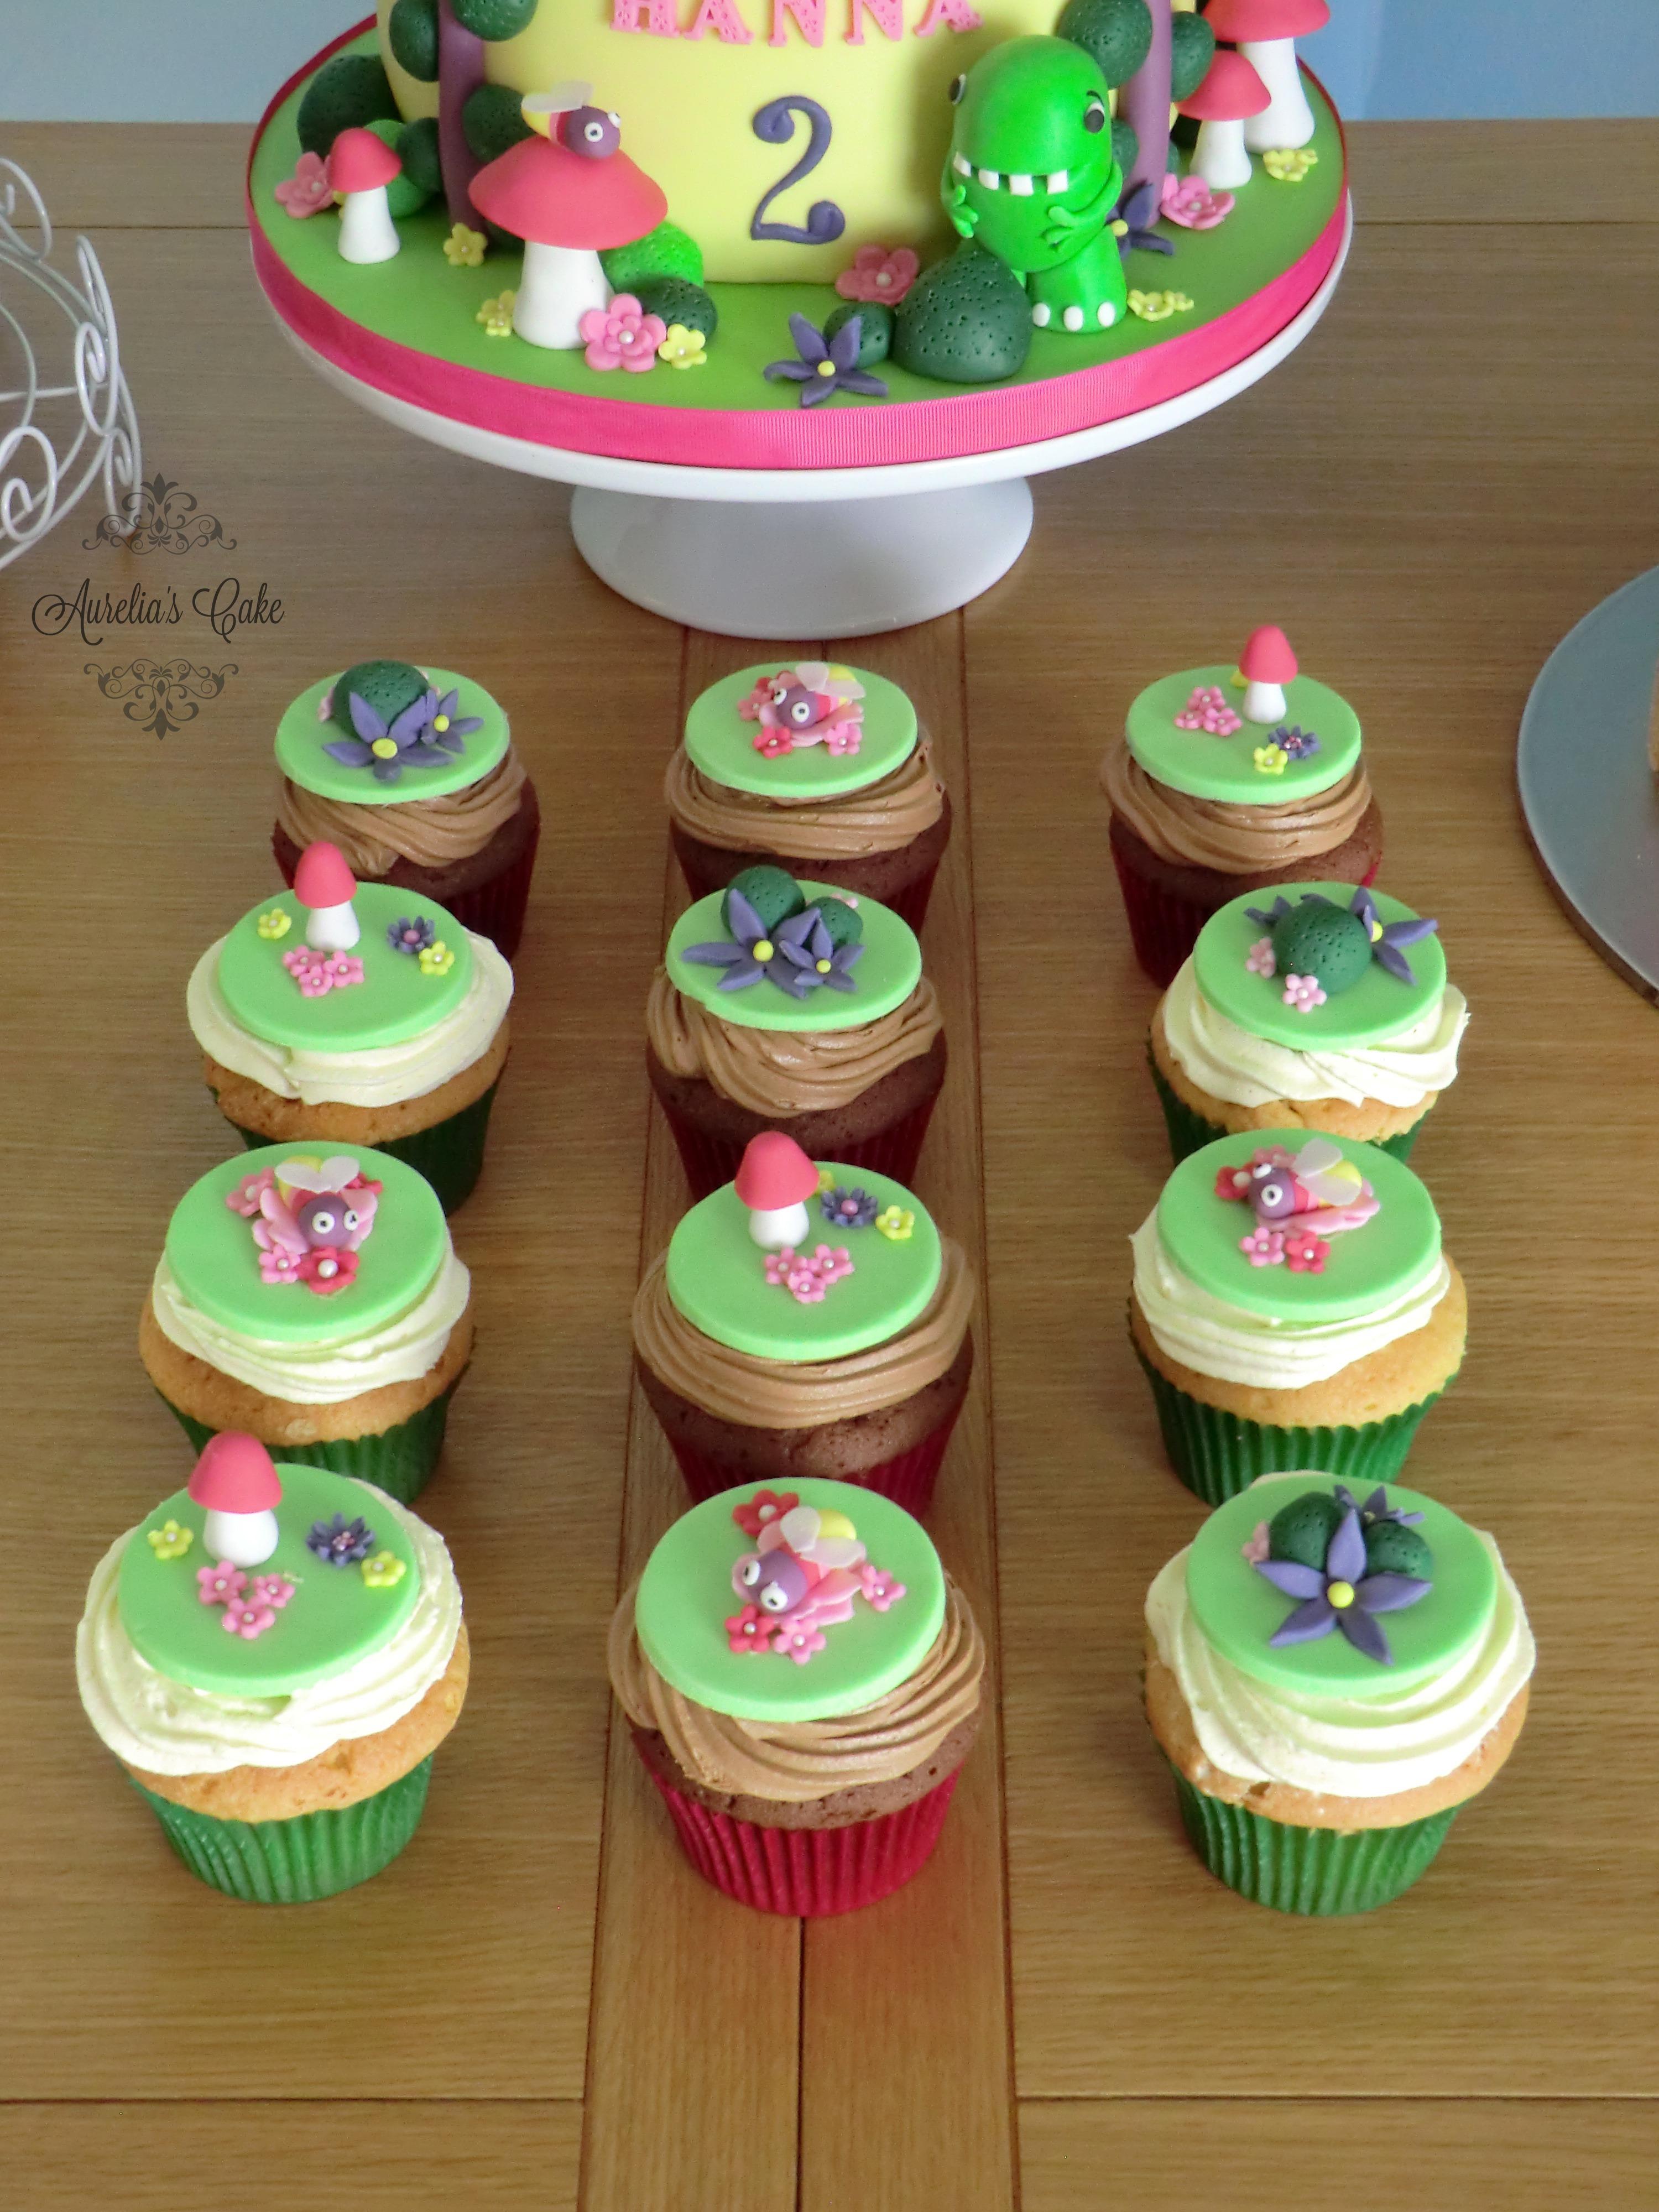 Dinopaws themed cupcakes.